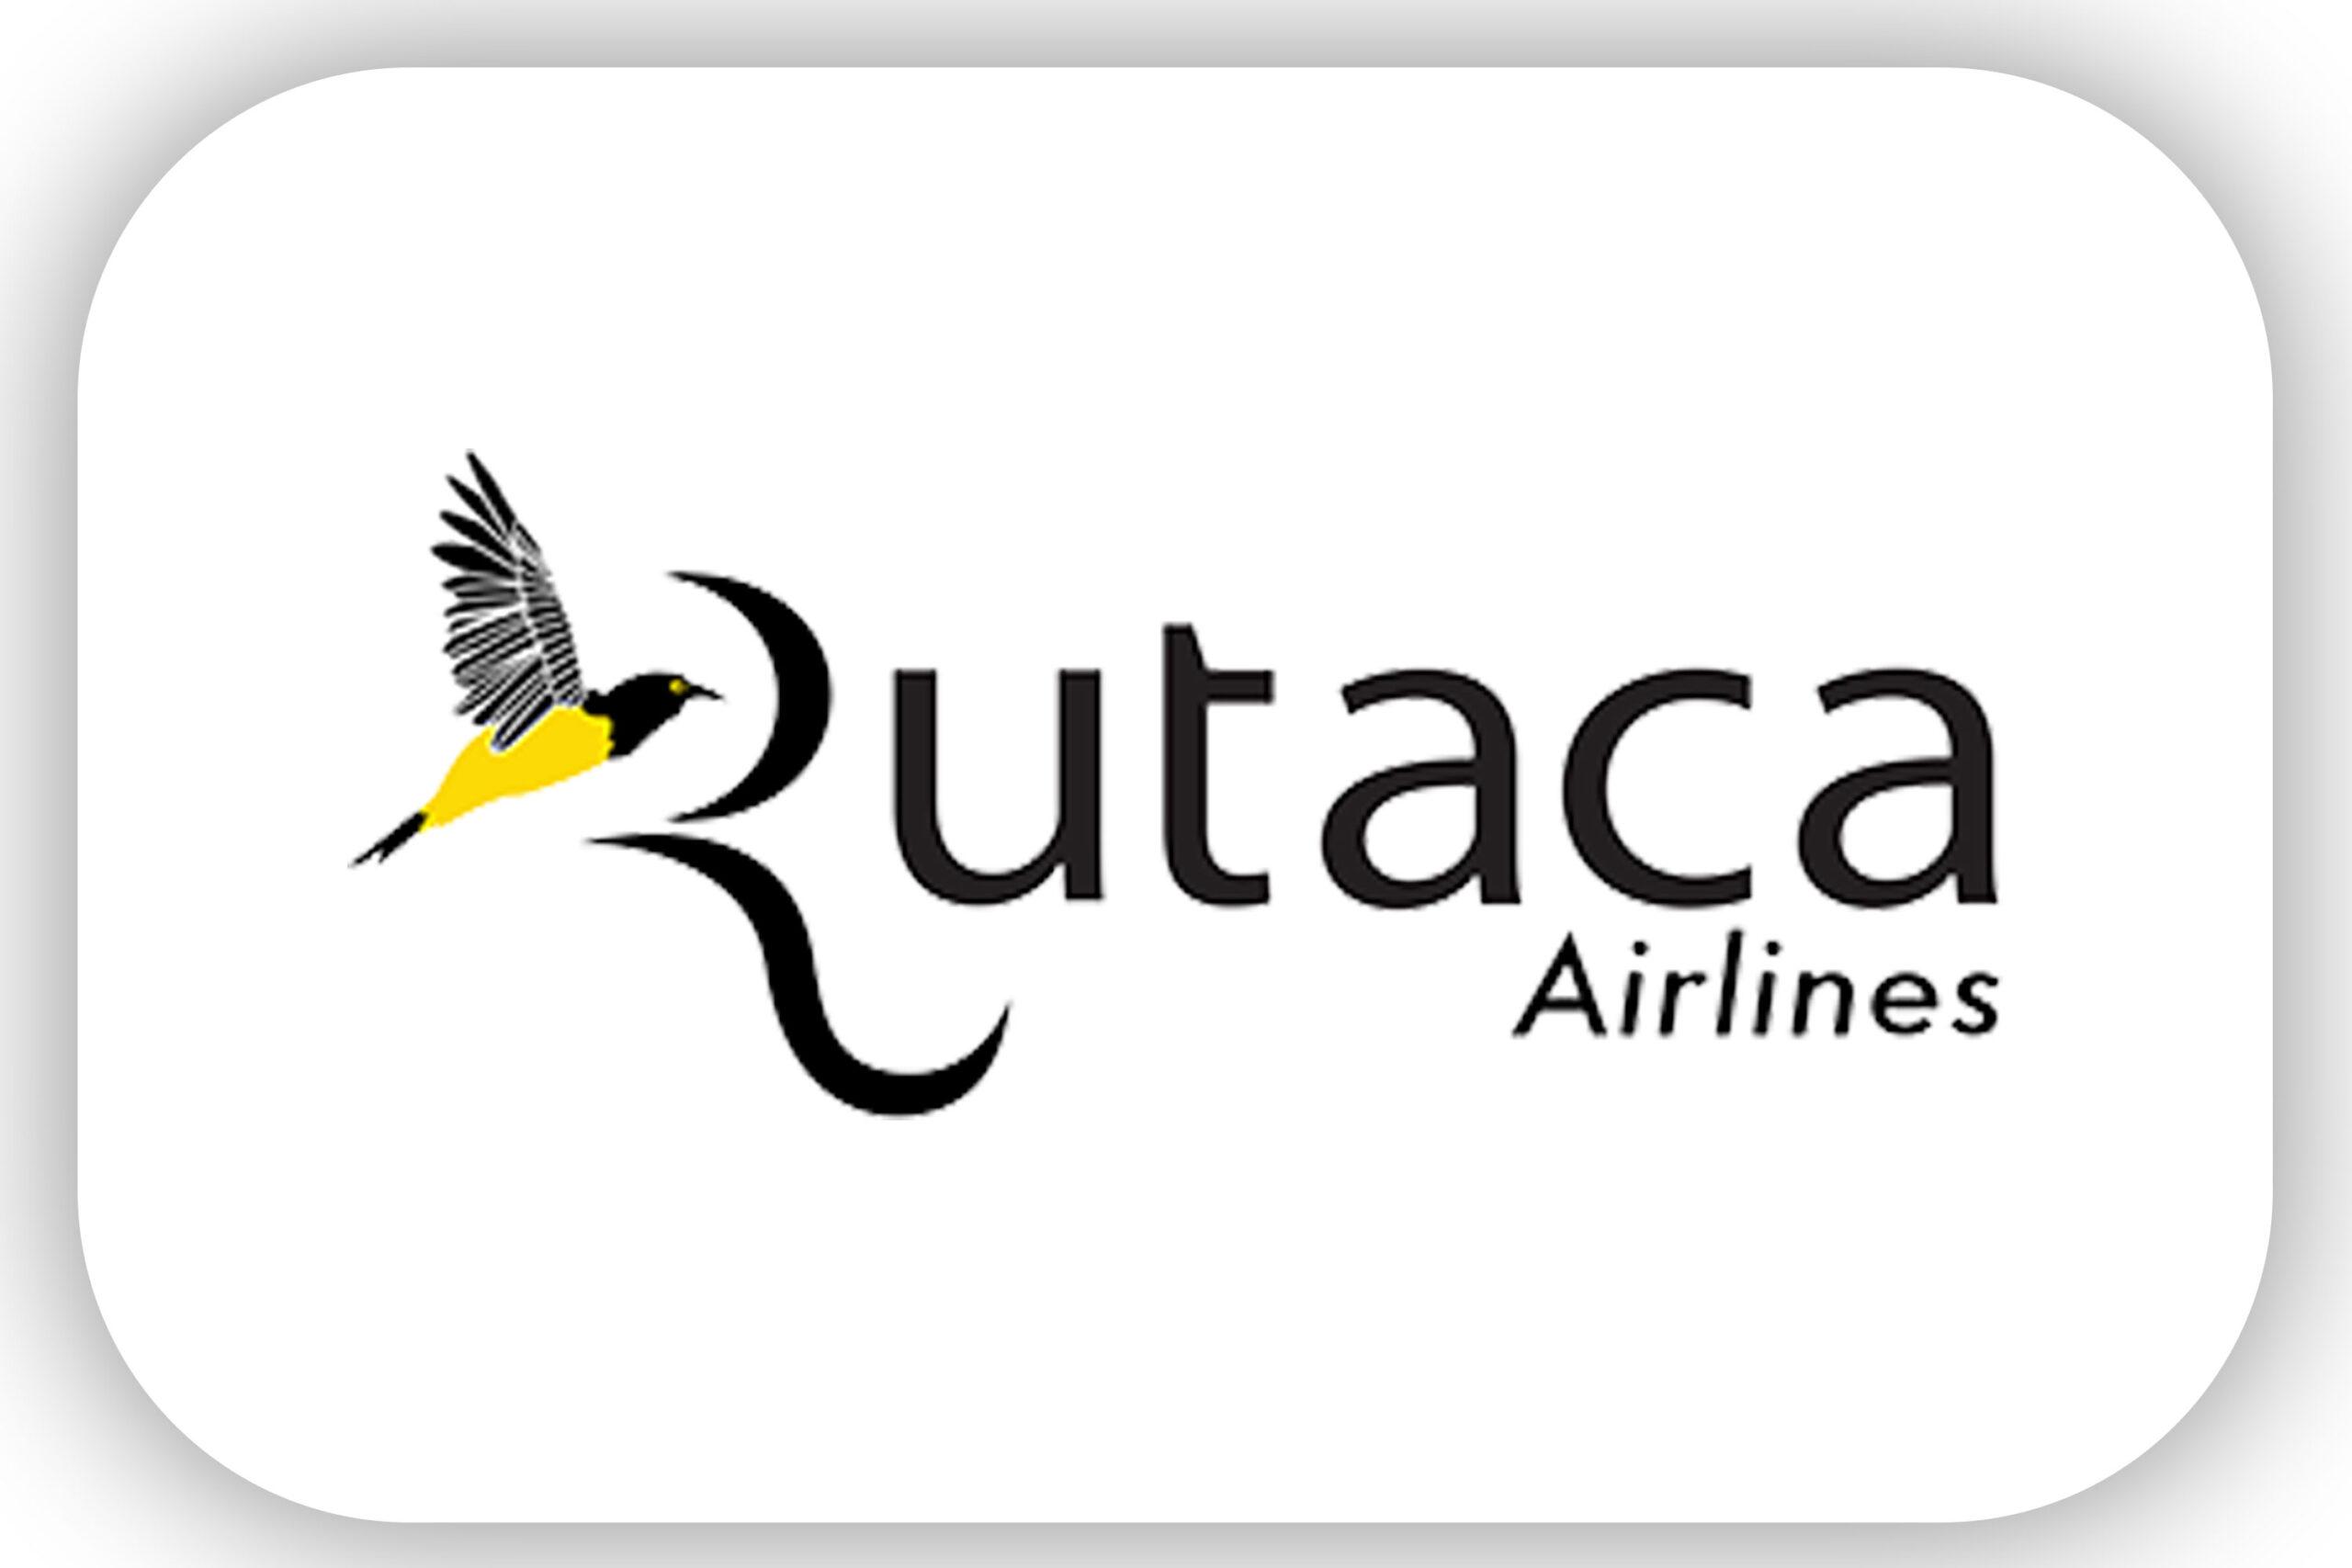 rutaca-airlines